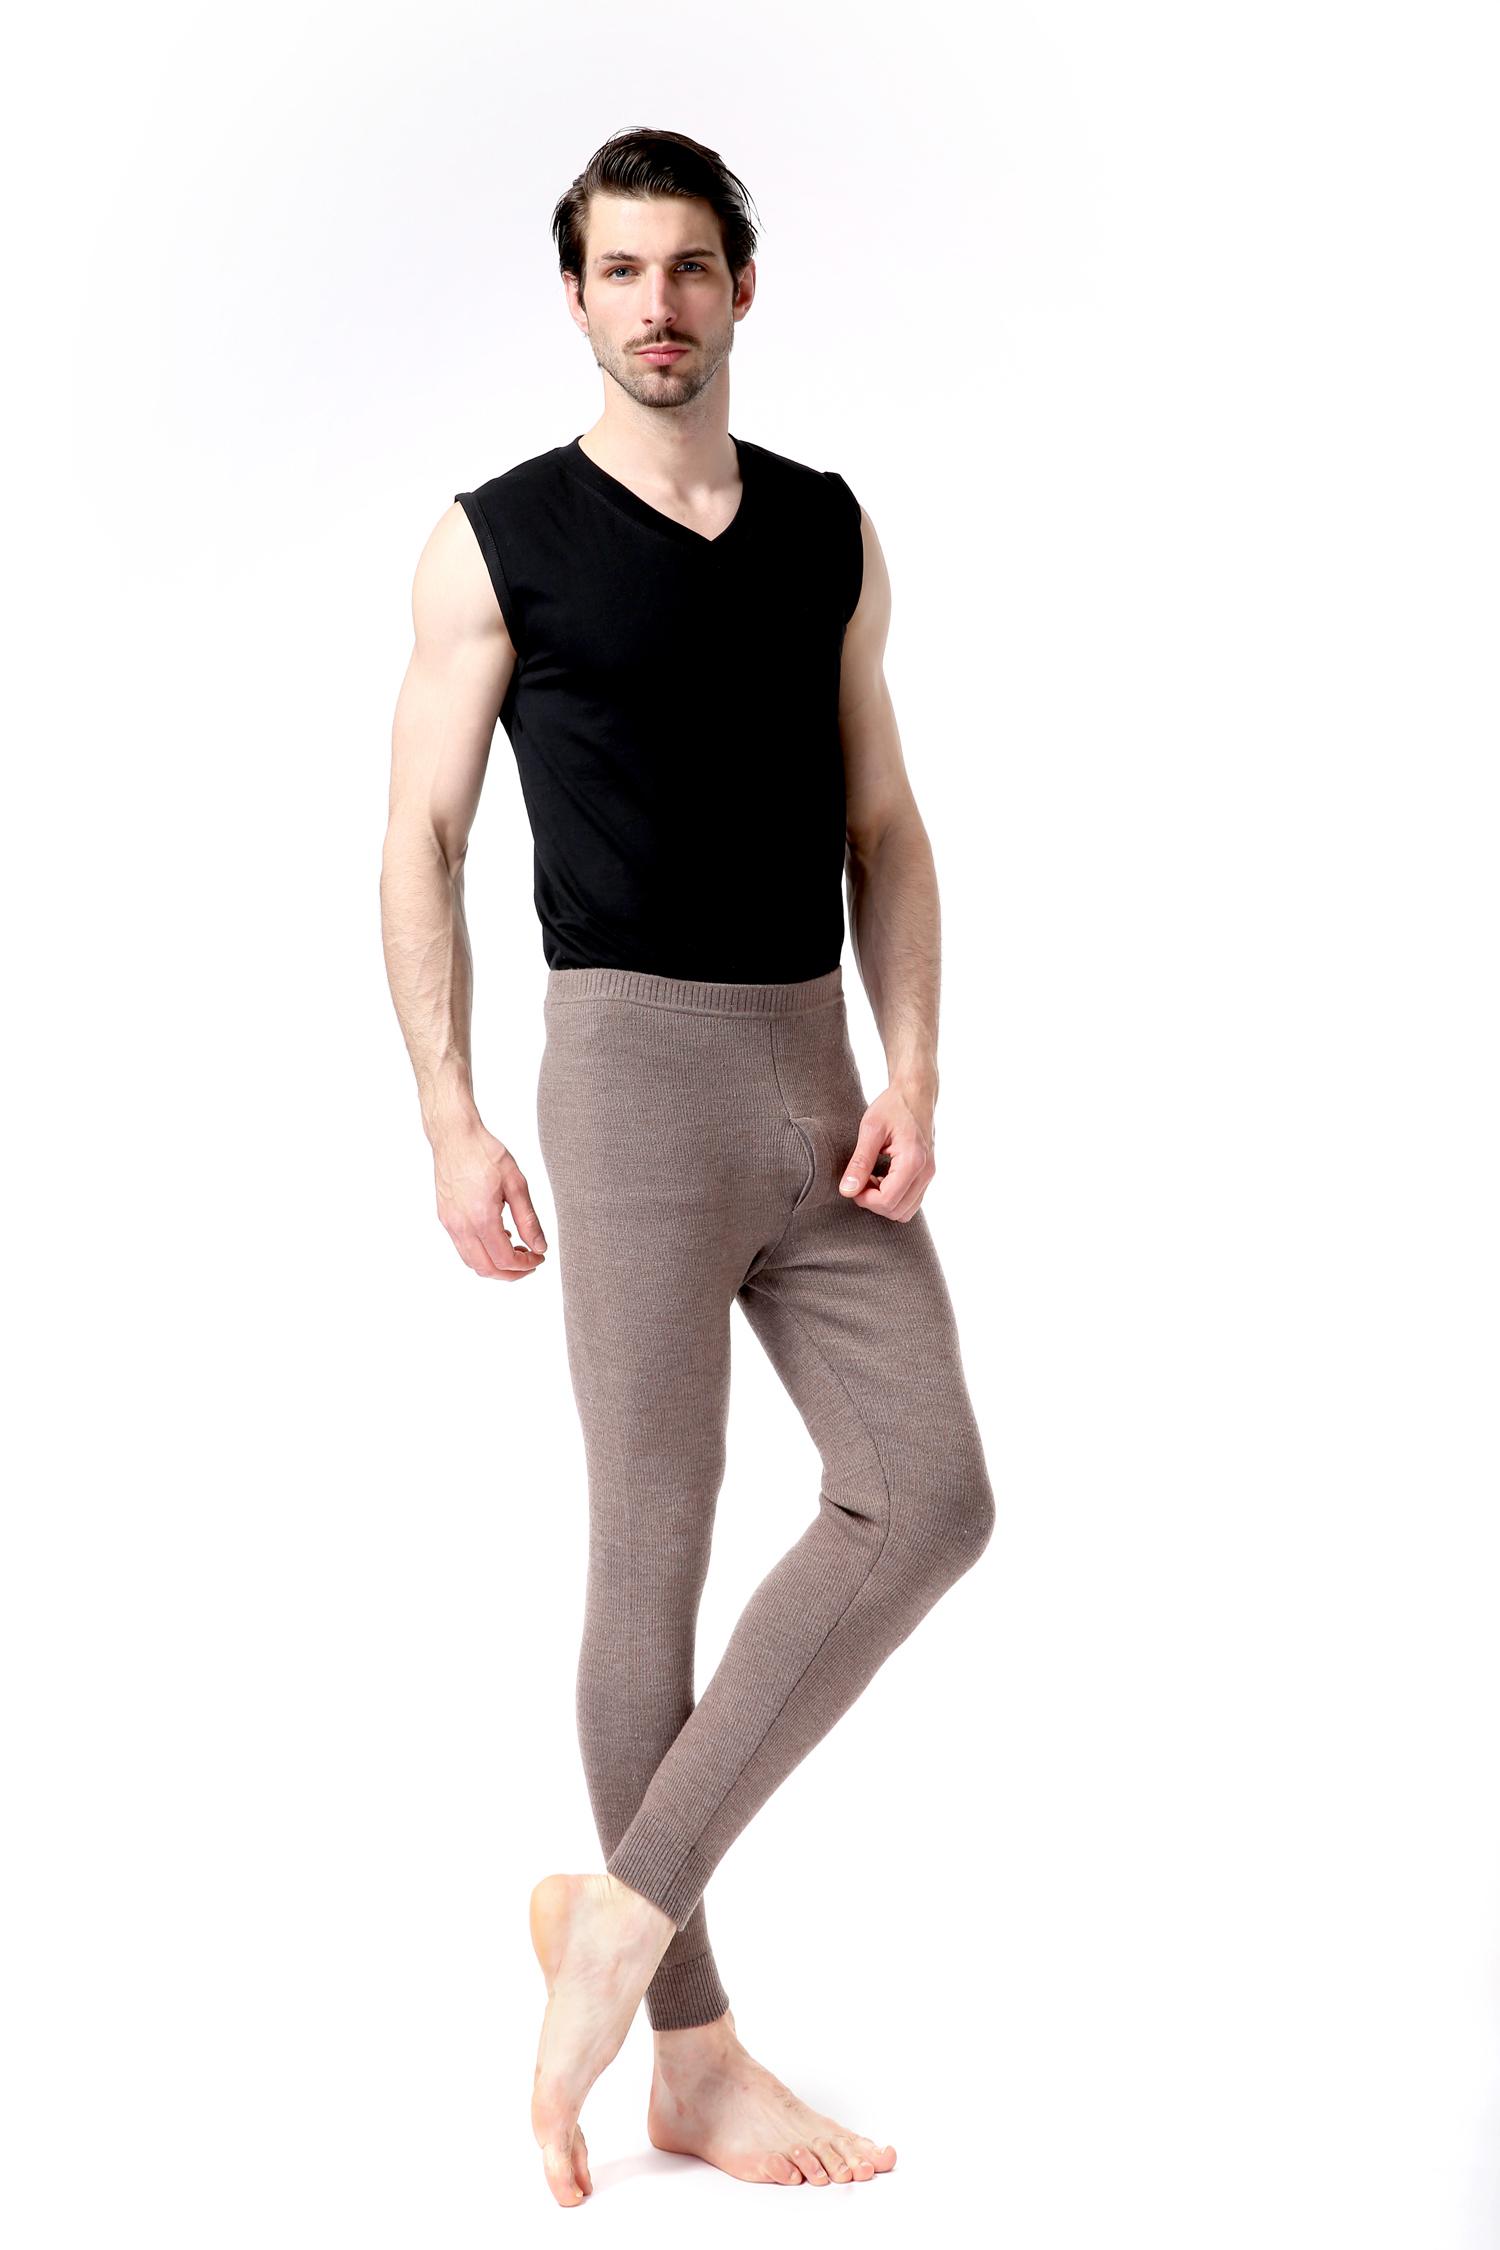 代理保暖内衣 最知名的都兰诺斯澳毛男抽条裤要到哪儿买